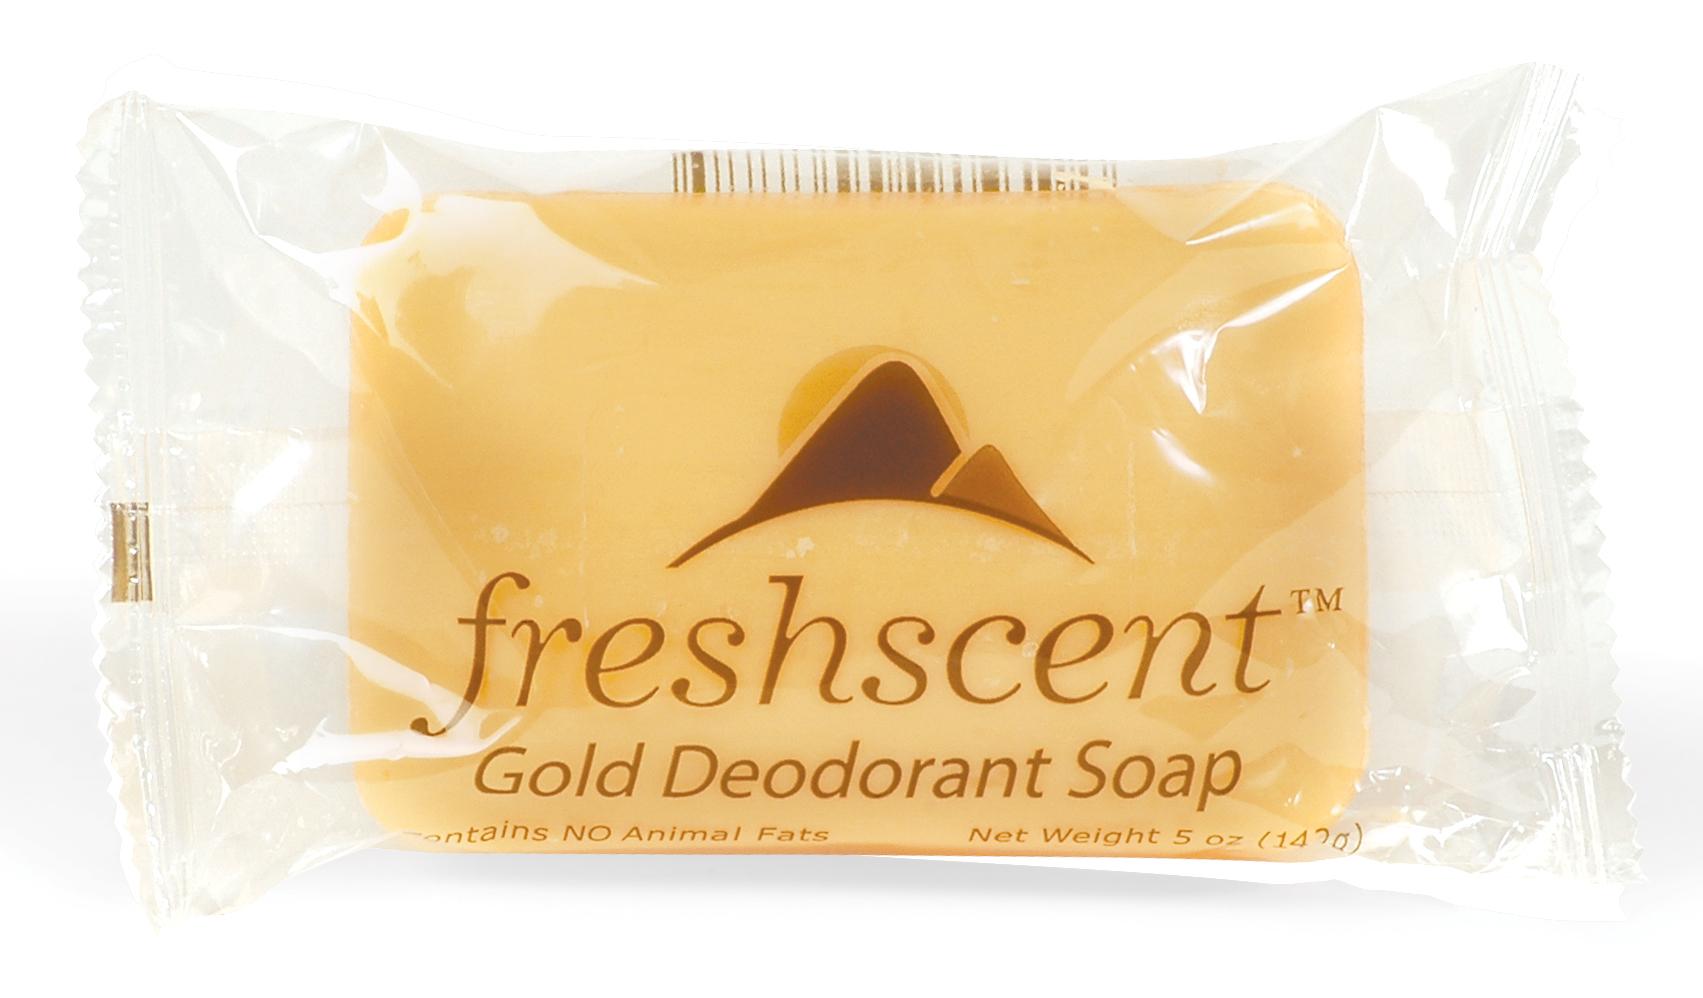 Freshscent 5 oz. Gold Deodorant SOAP